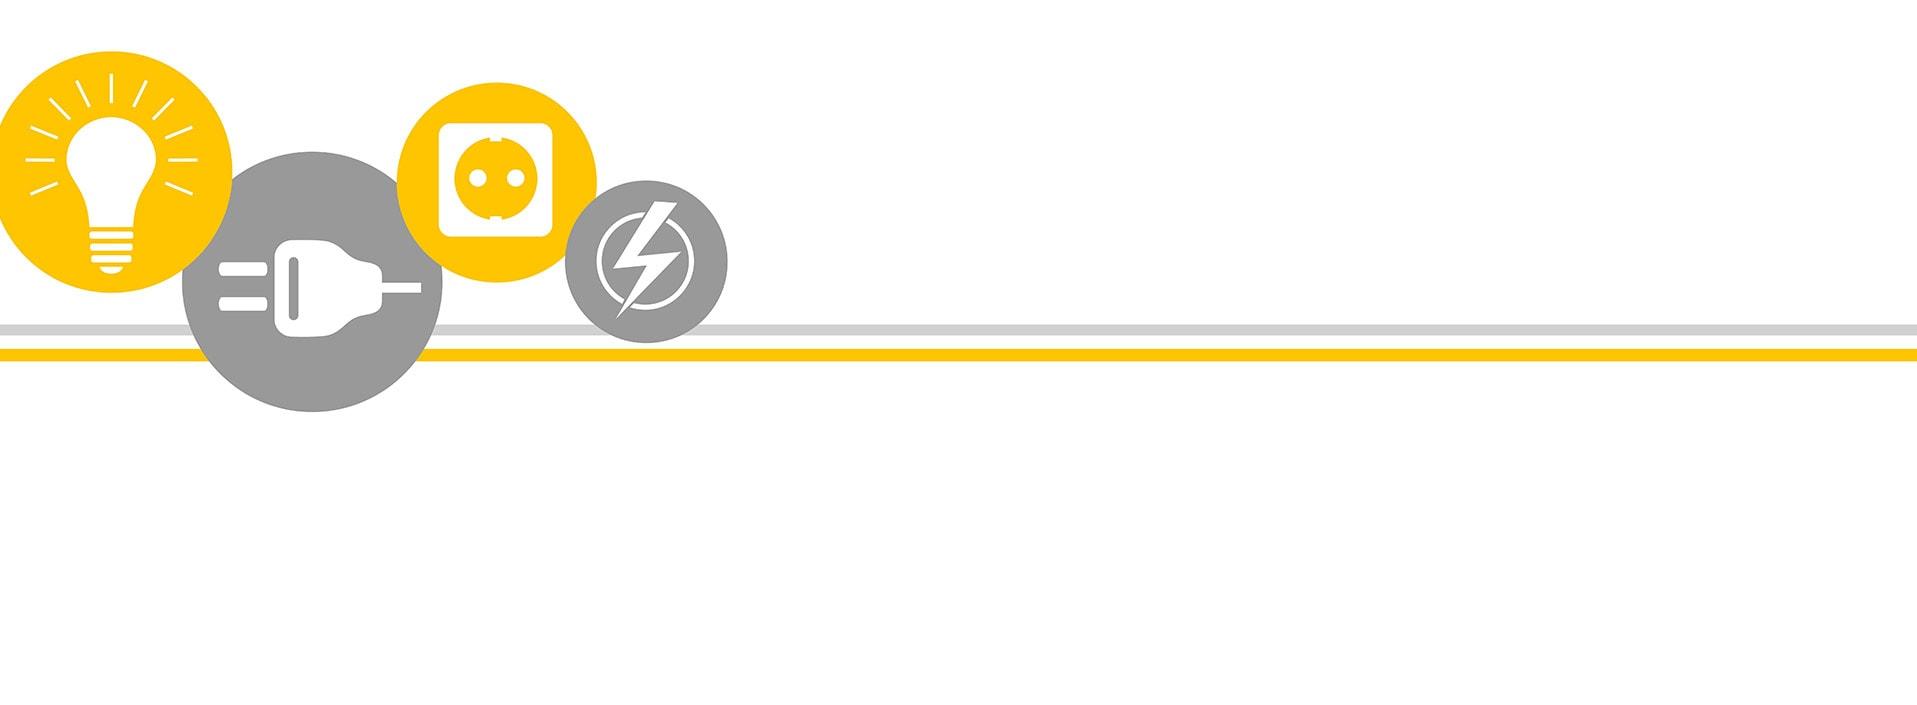 Fournisseur d'énergie (électricité et/ou gaz) : Comparez et Economisez jusqu'à 15%!